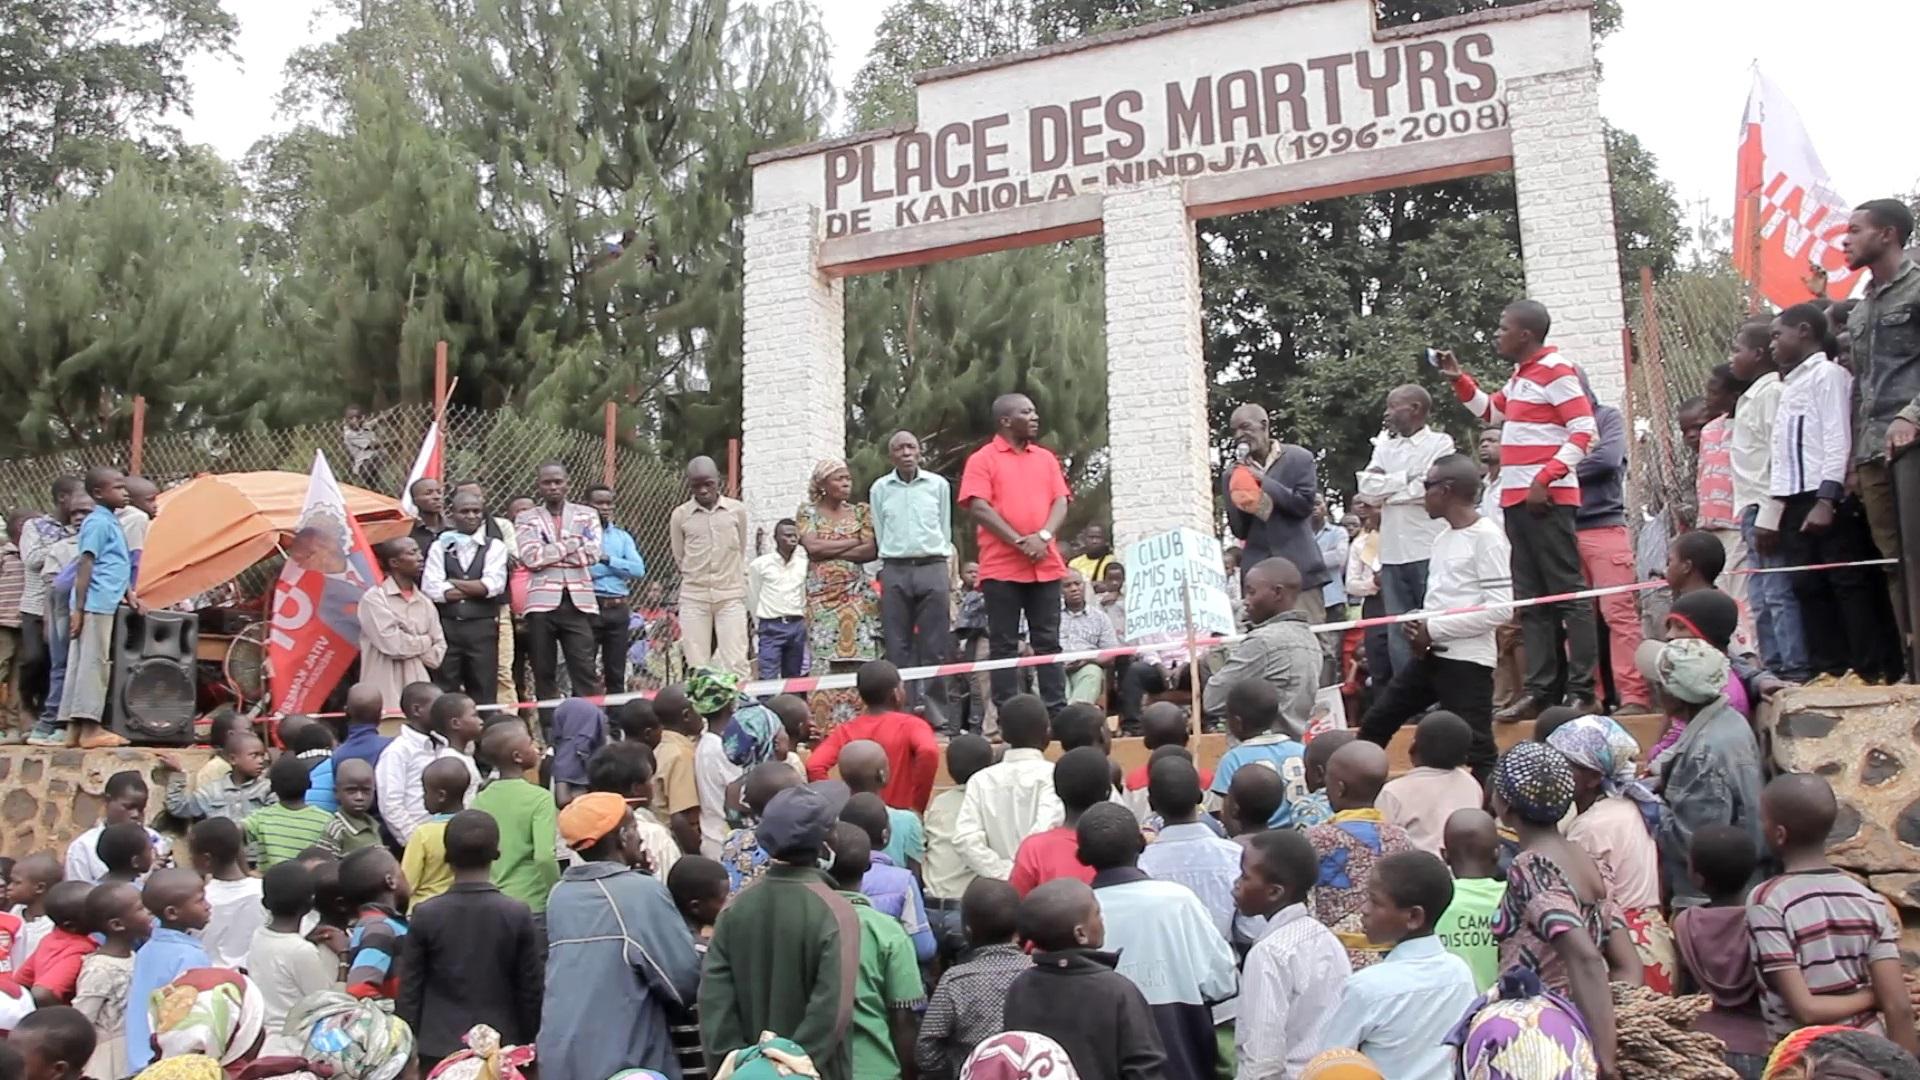 14 ANS DE MASSACRE DE KANIOLA : Le député Amato BAYUBASIRE promet de s'impliquer pour retrouver  la justice de martyrs.